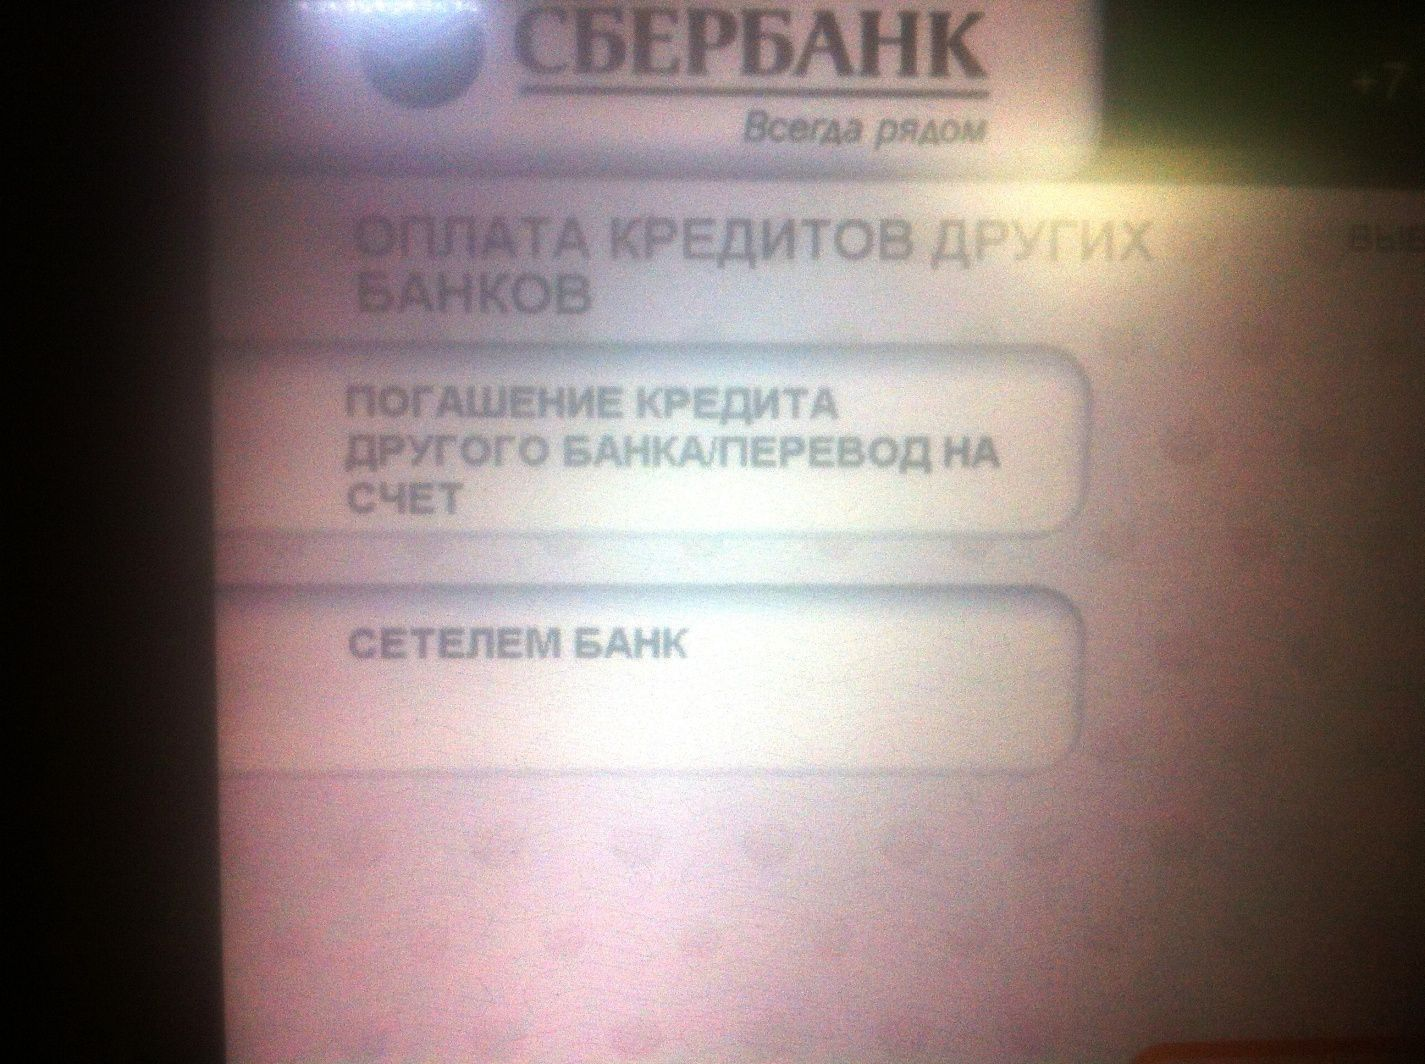 Погашение кредита другого банка